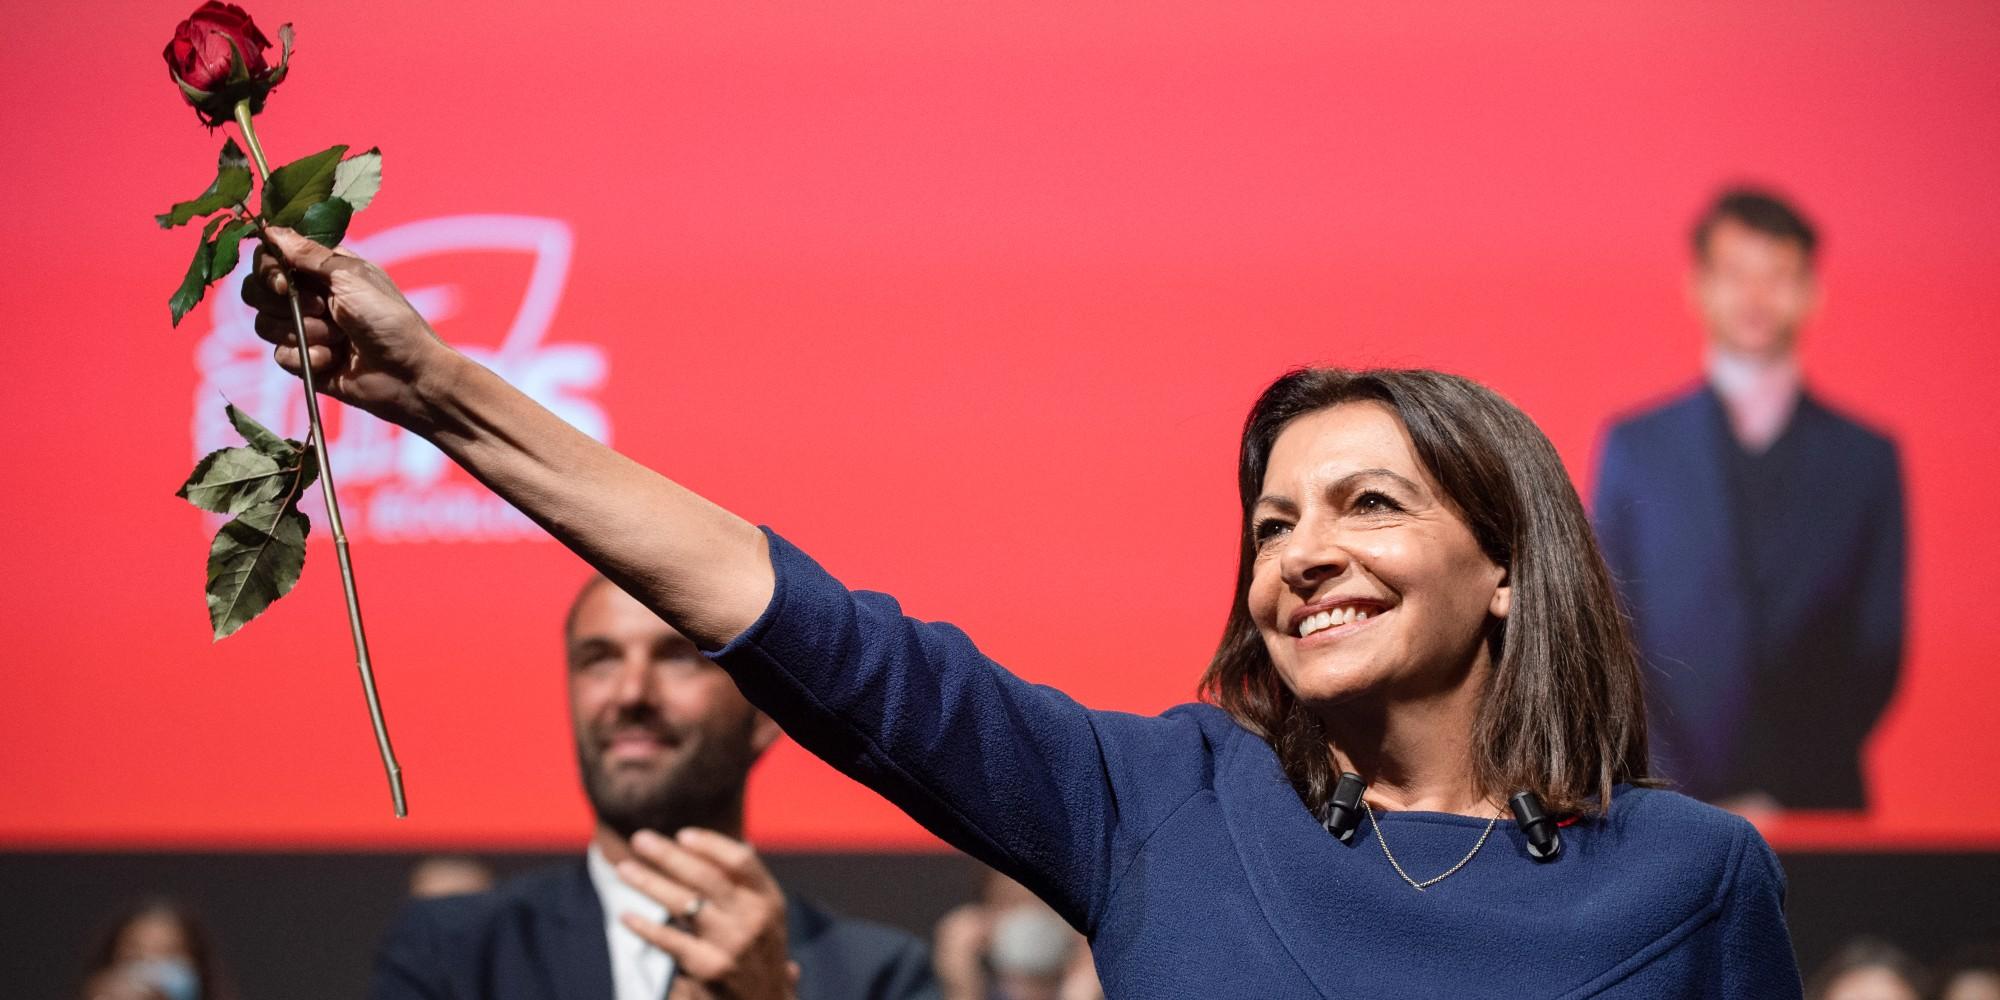 Législatives: les écologistes proposent un accord au PS en échange d'un soutien à Jadot pour la présidentielle